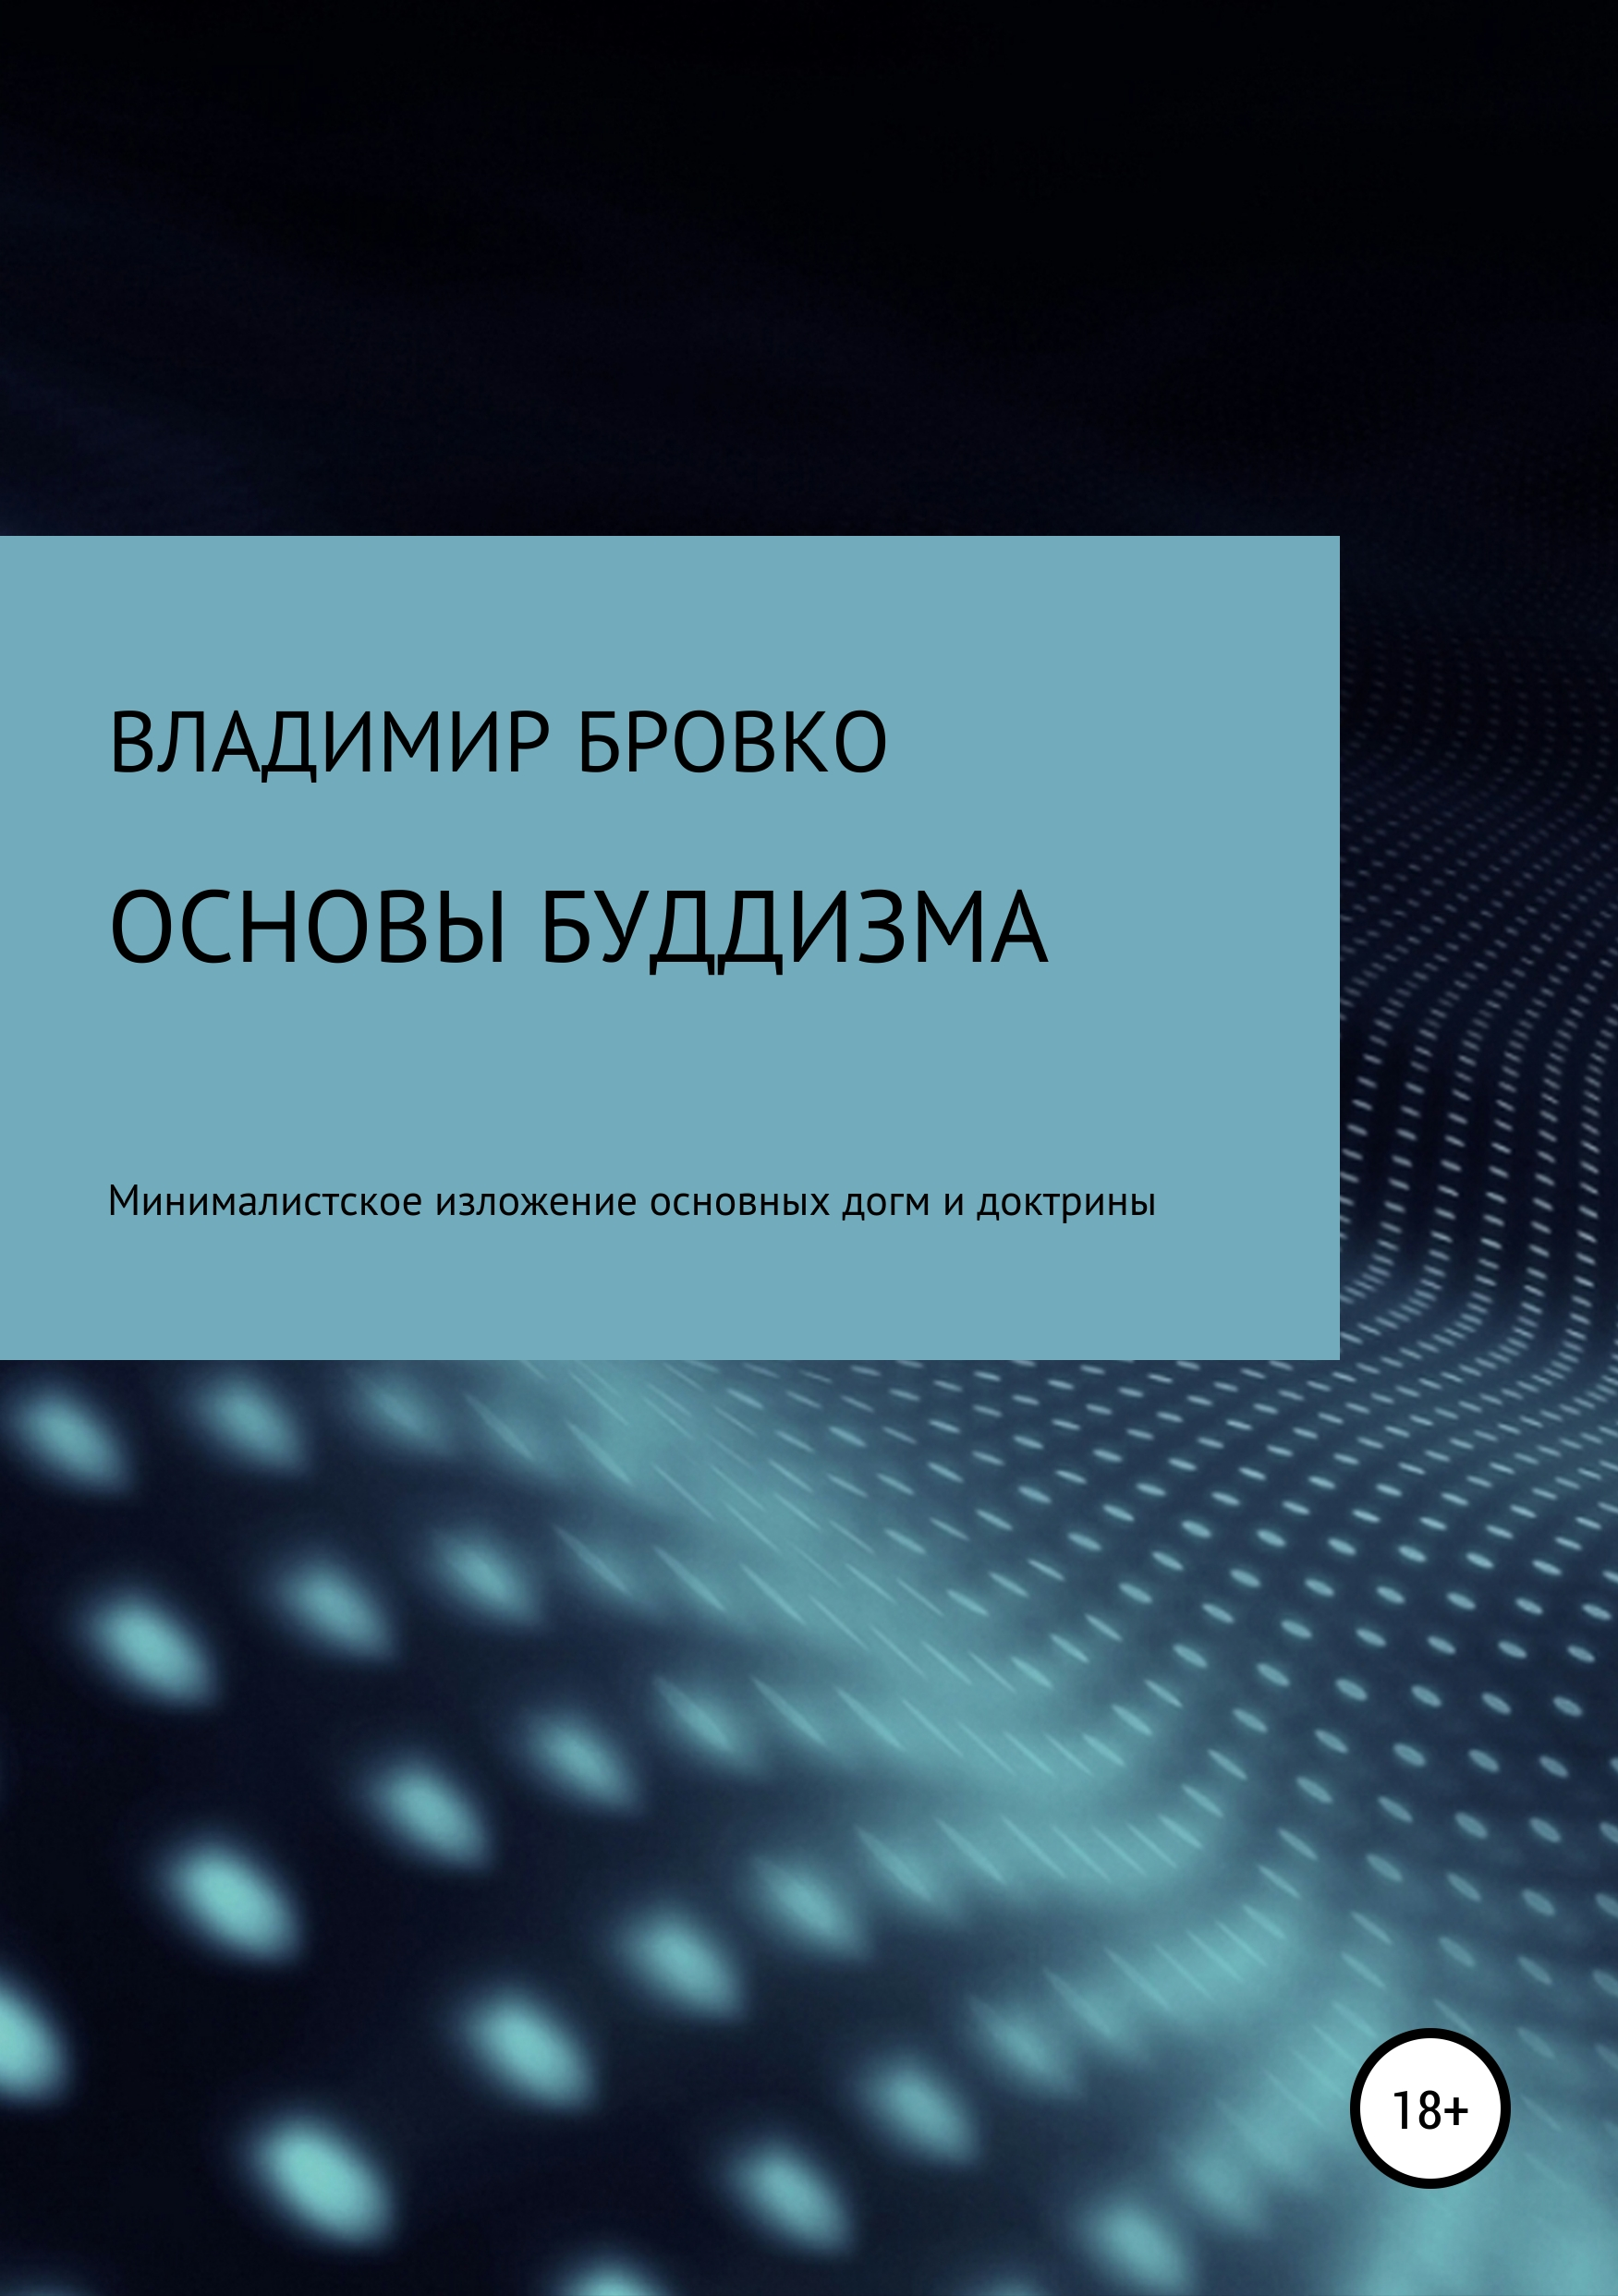 Владимир Бровко «Основы буддизма»